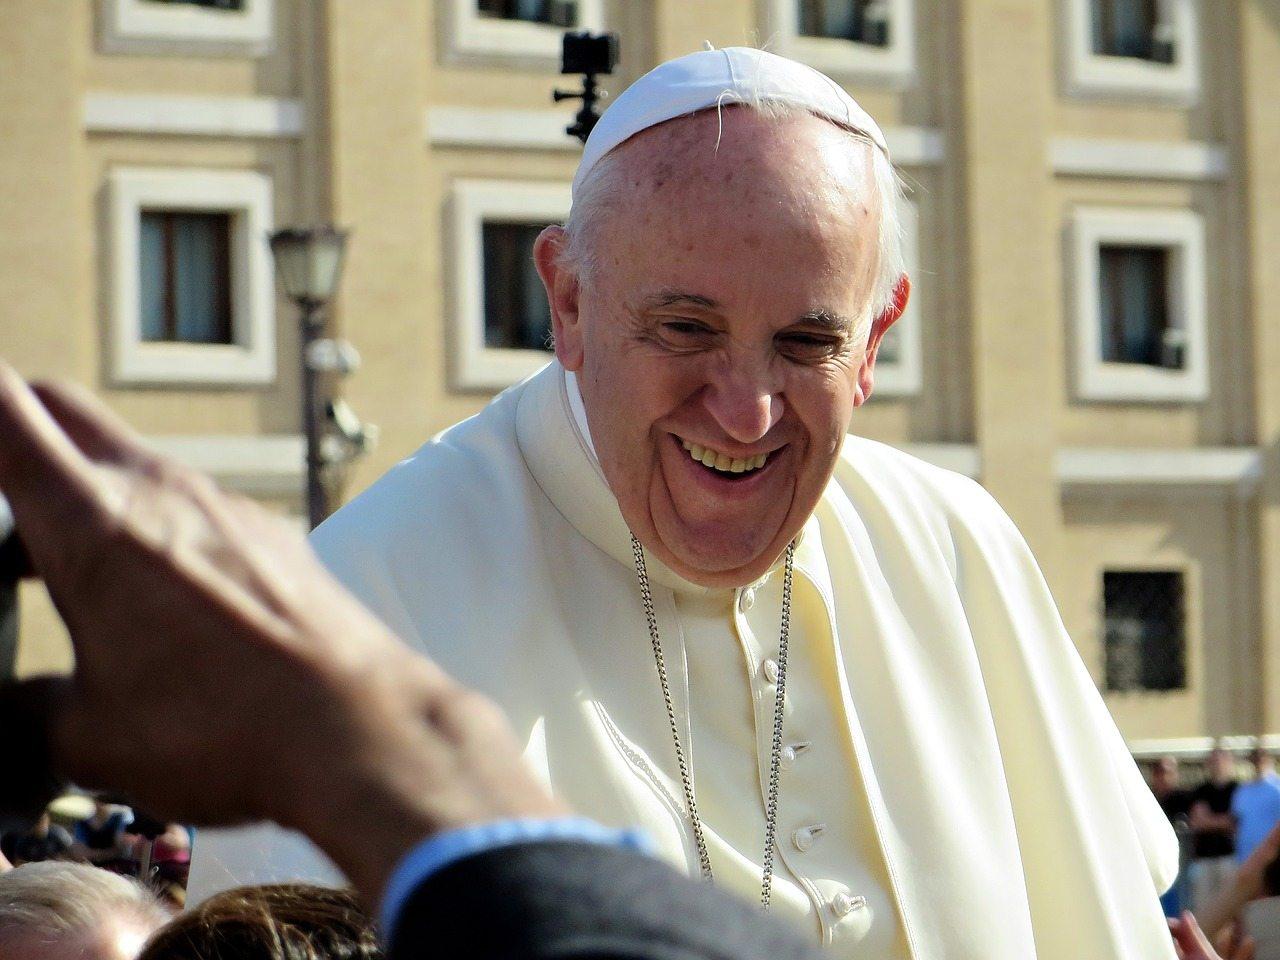 Katolicy są wściekli! Franciszek właśnie OFICJALNIE pozwolił na...